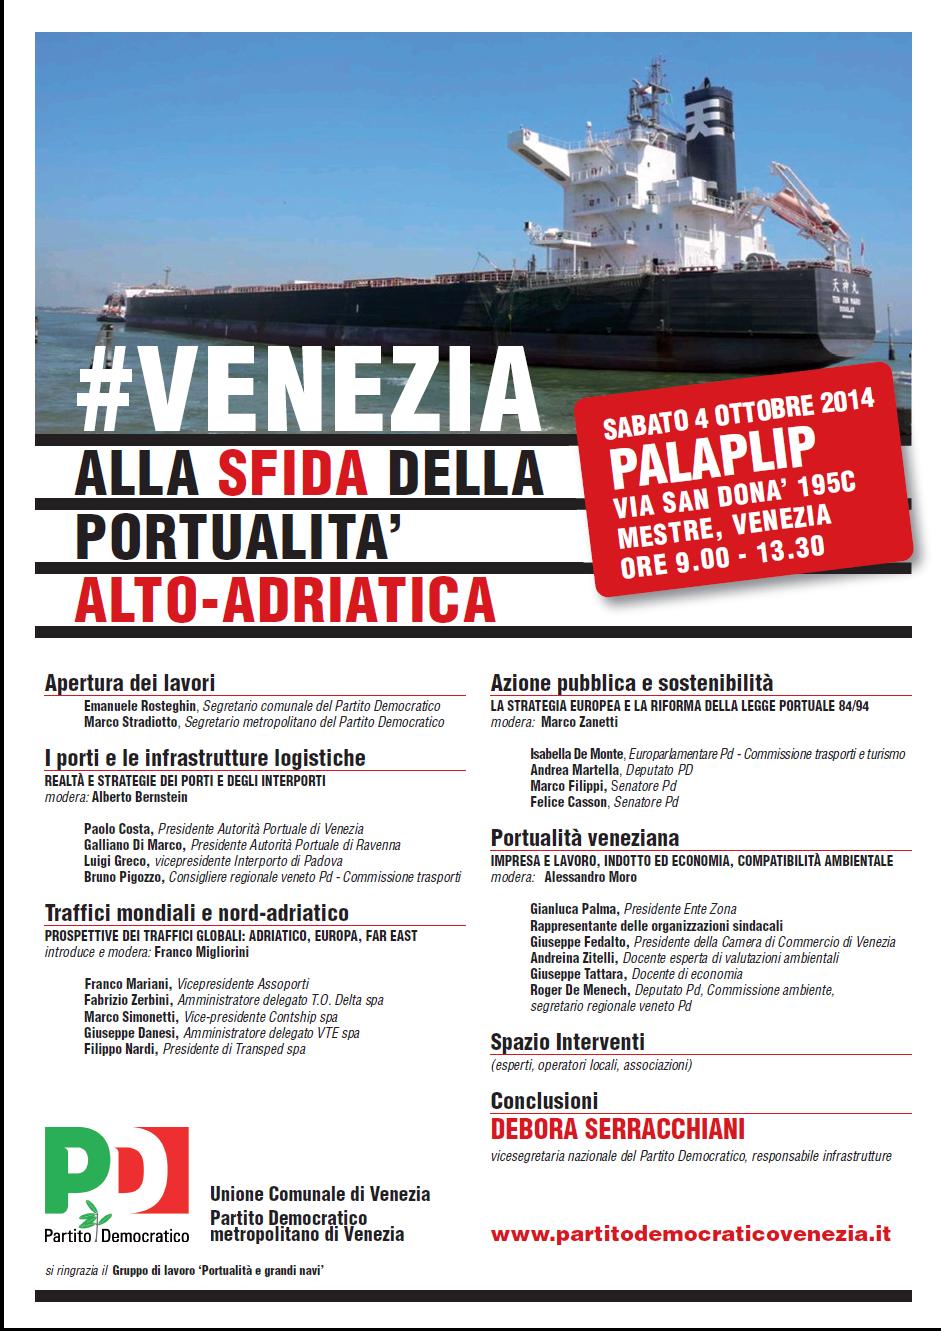 locandina_venezia_alla_sfida_portualità_alto_adriatica